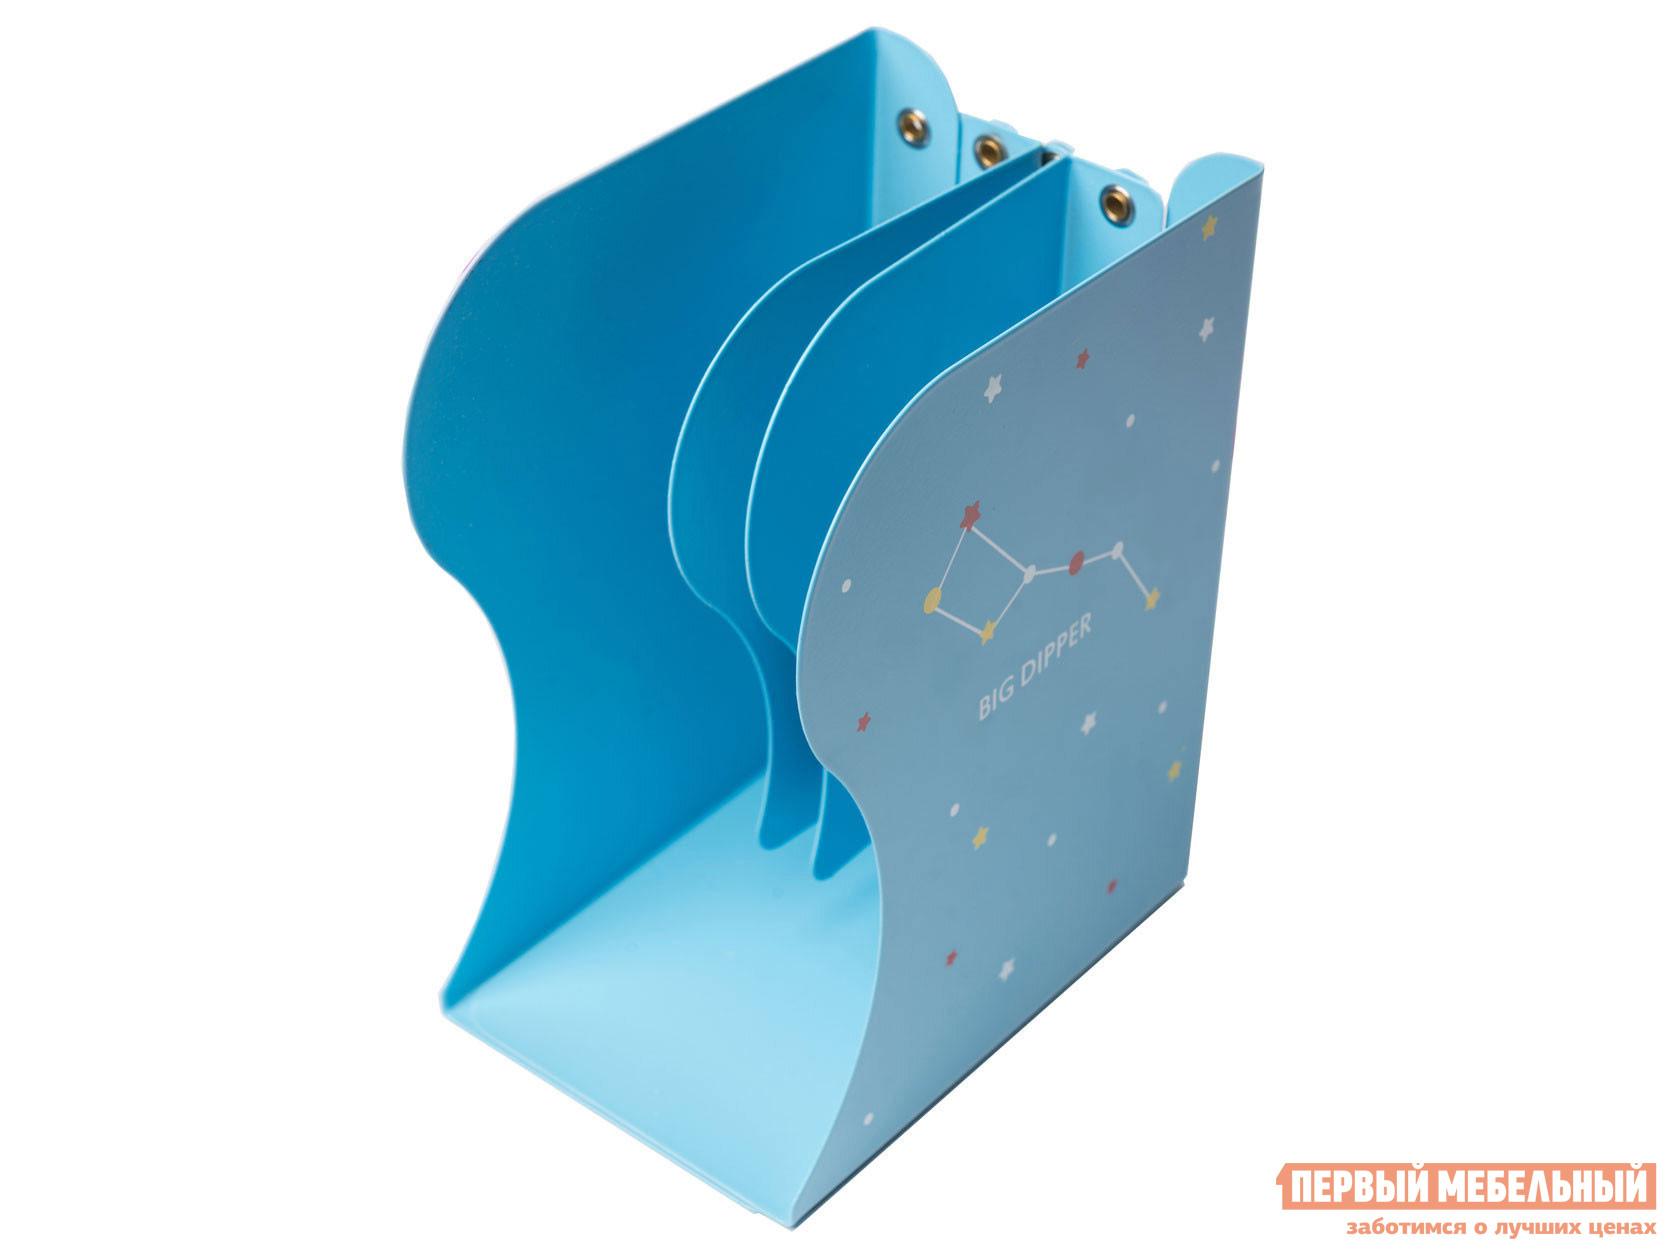 Аксессуар для парты  Держатель для книг SS26 Blue (голубой)